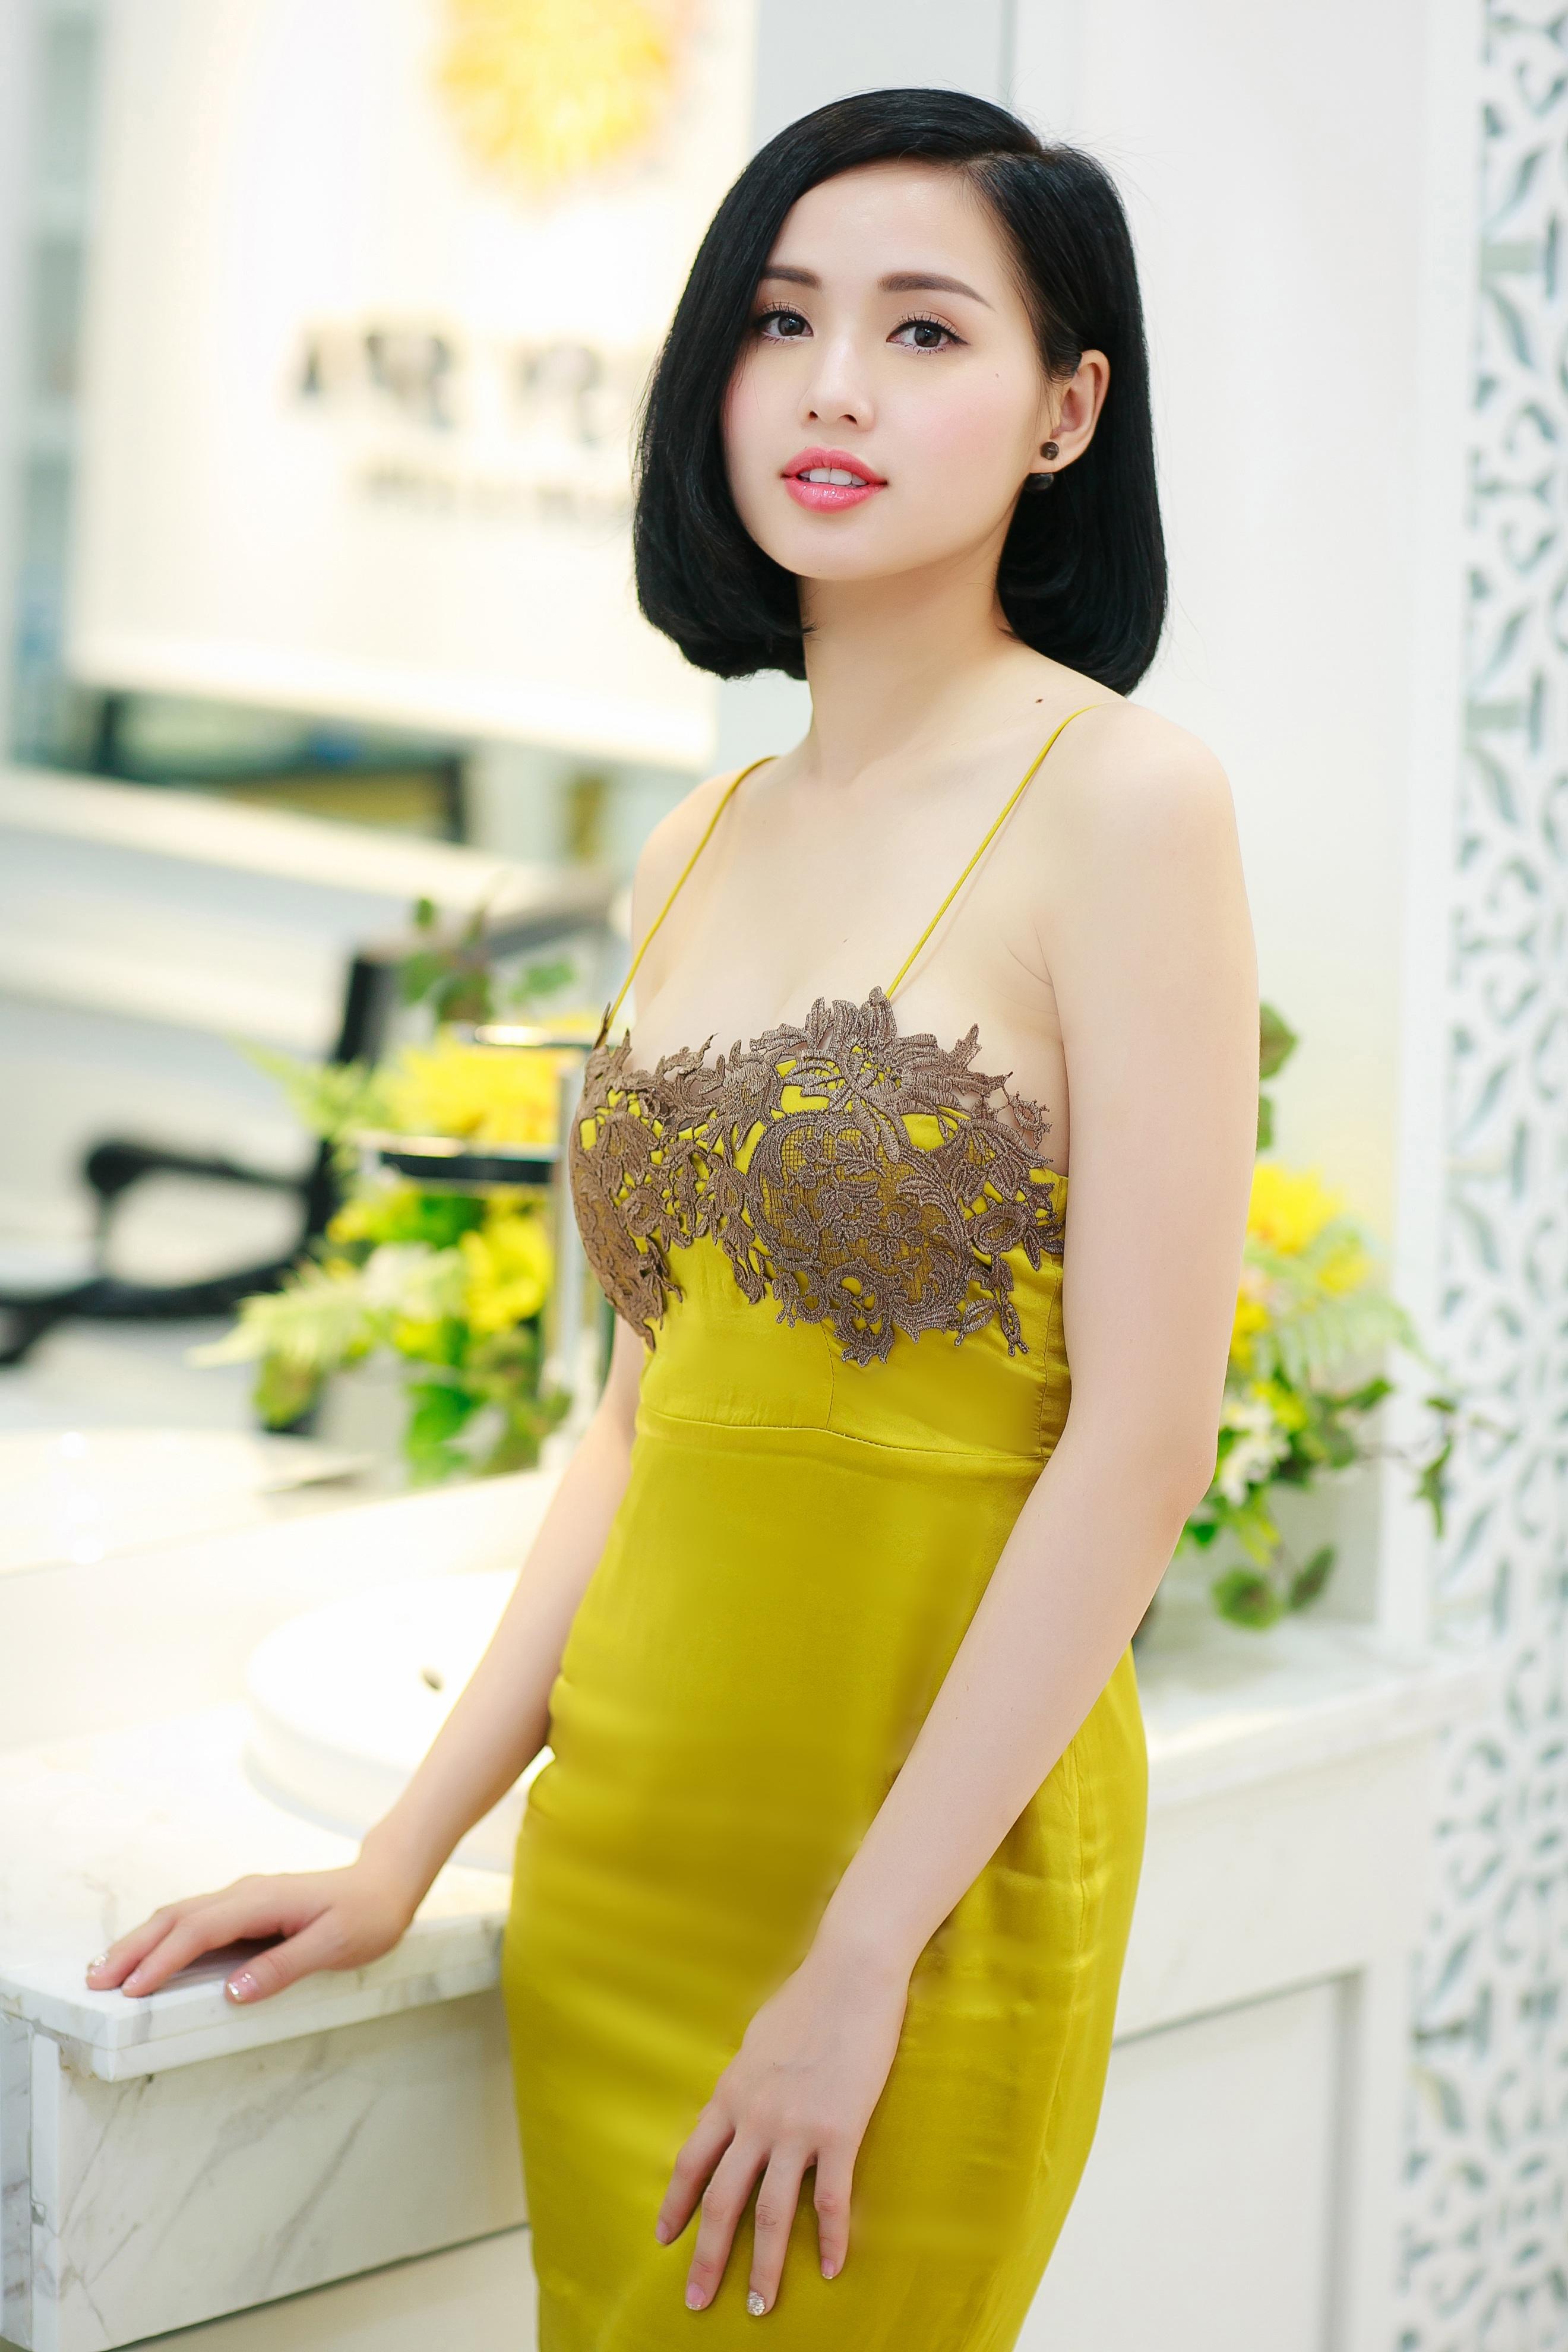 """Là 1 trong số những hot girl đời đầu của làng giải trí Việt, Tâm Tít vẫn giữ được độ """"hot"""" cho tới thời điểm hiện tại."""